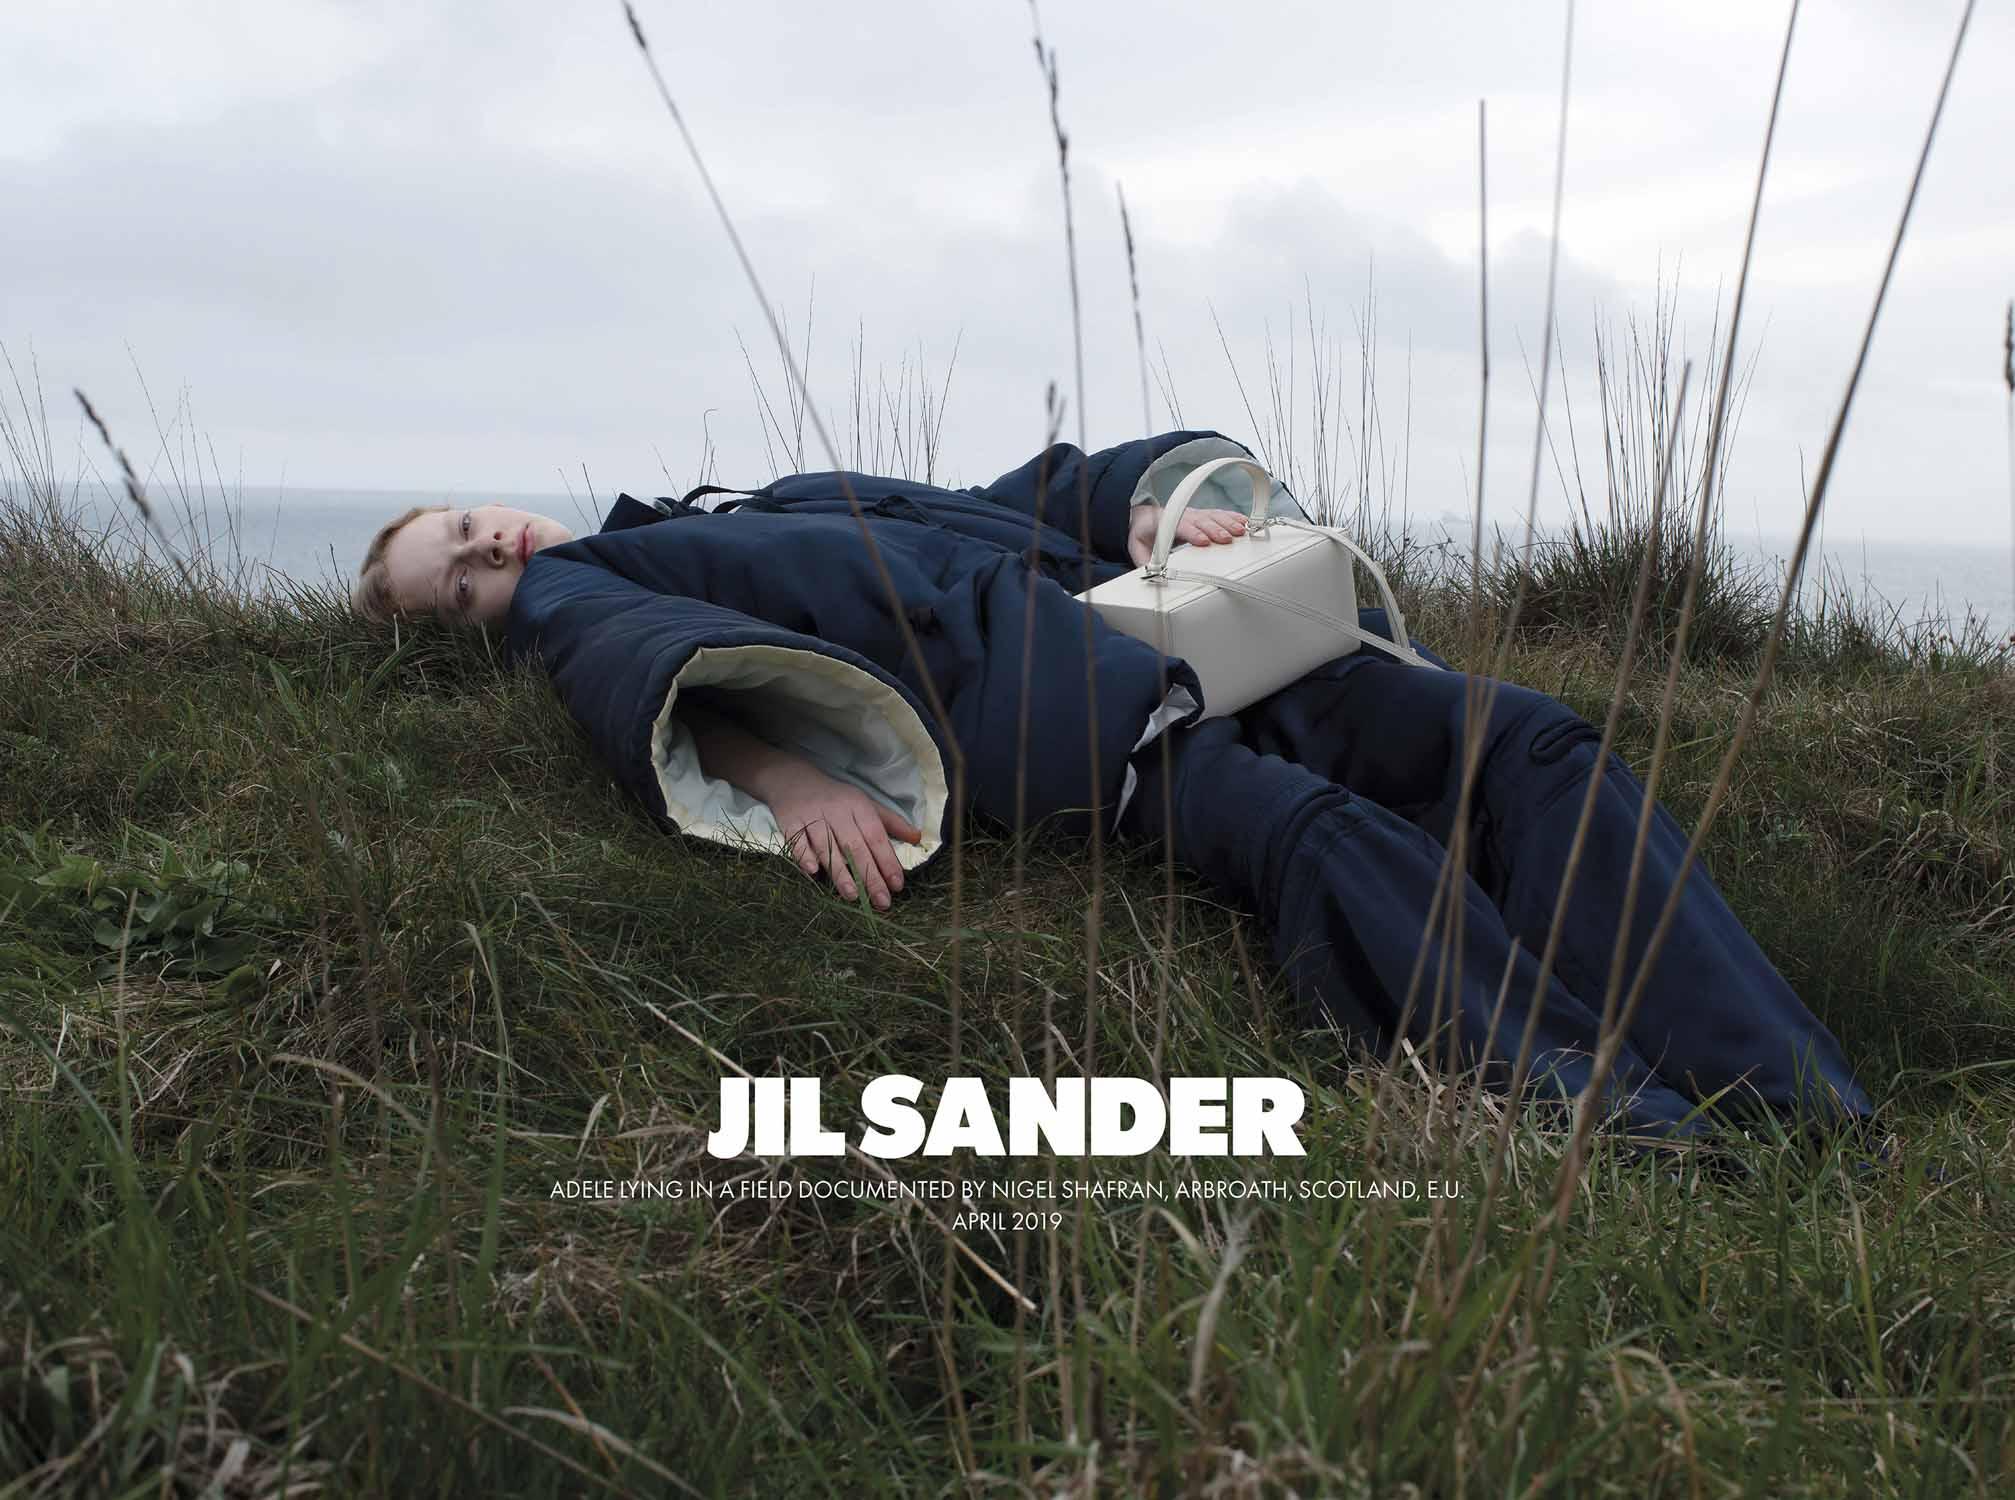 Jil Sander x Nigel Shafran